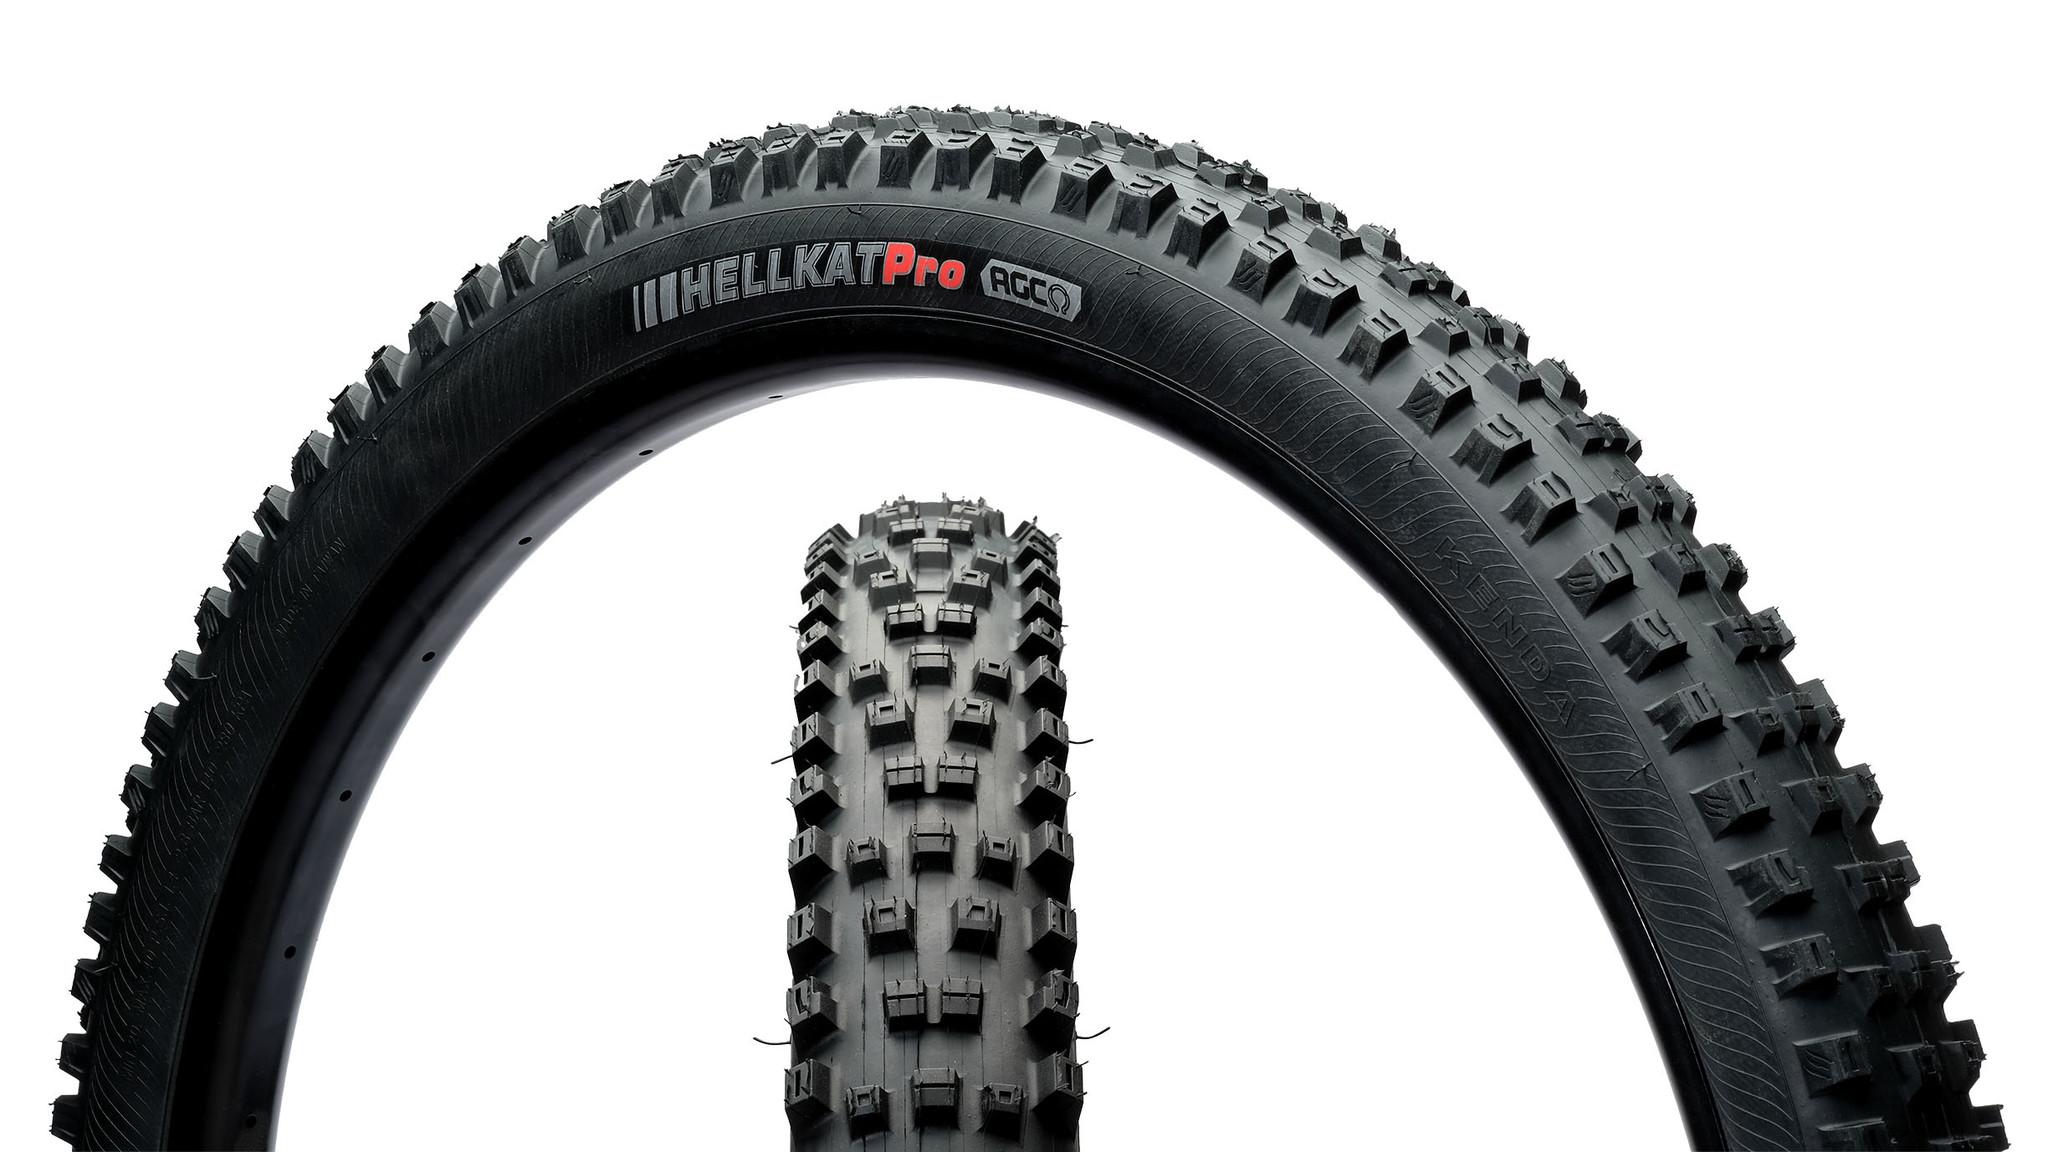 Kenda, Hellkat, Tire, 29''x2.40, Folding, Tubeless Ready, EN-ATC, 120TPI, Black-1